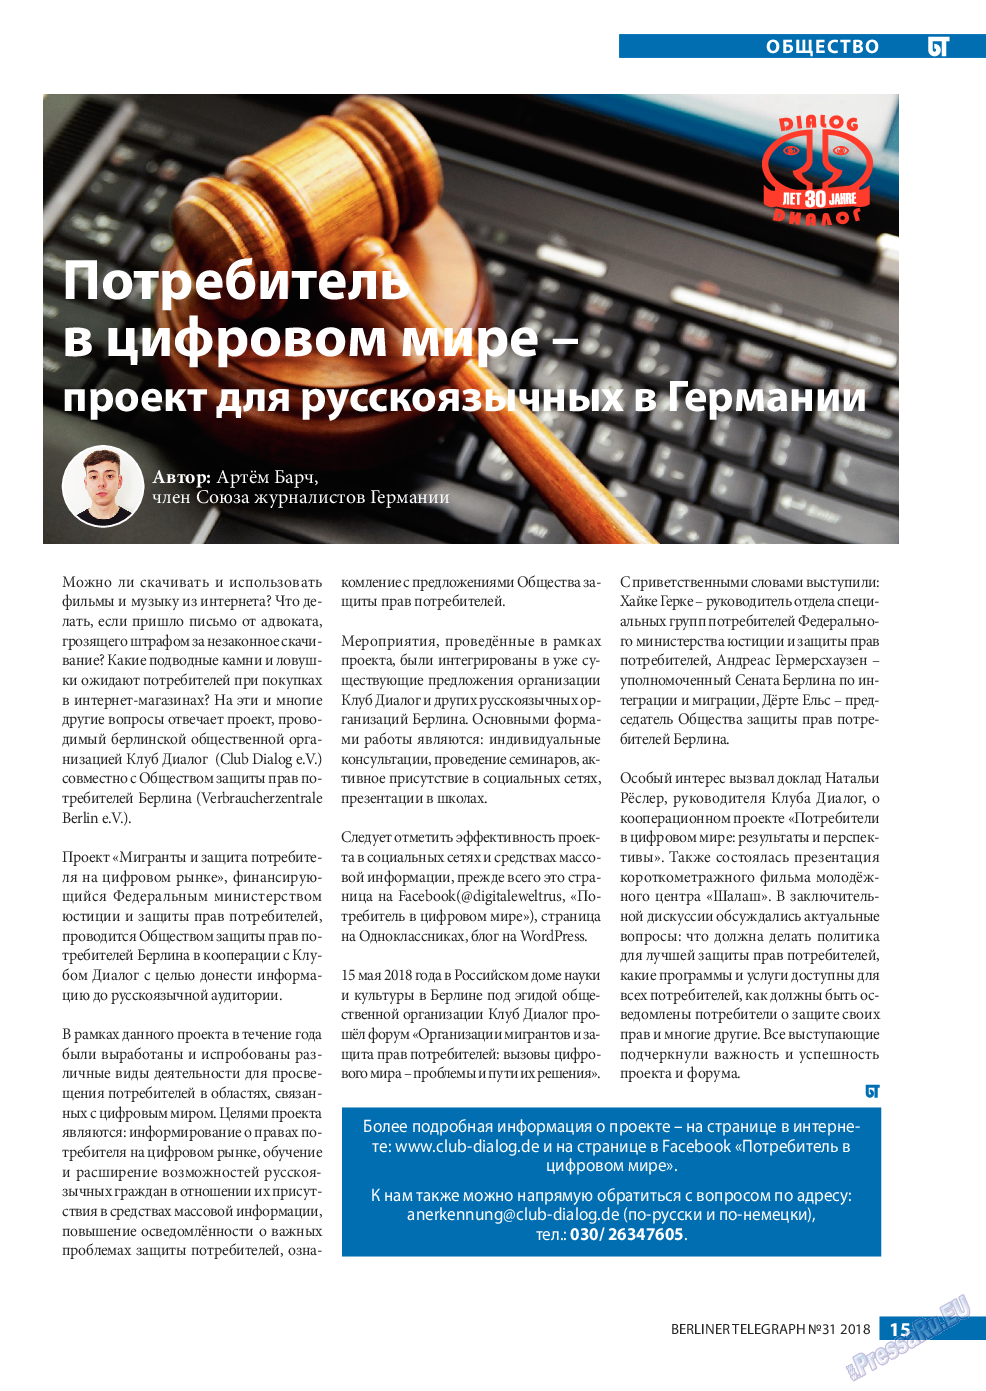 Берлинский телеграф (журнал). 2018 год, номер 31, стр. 15